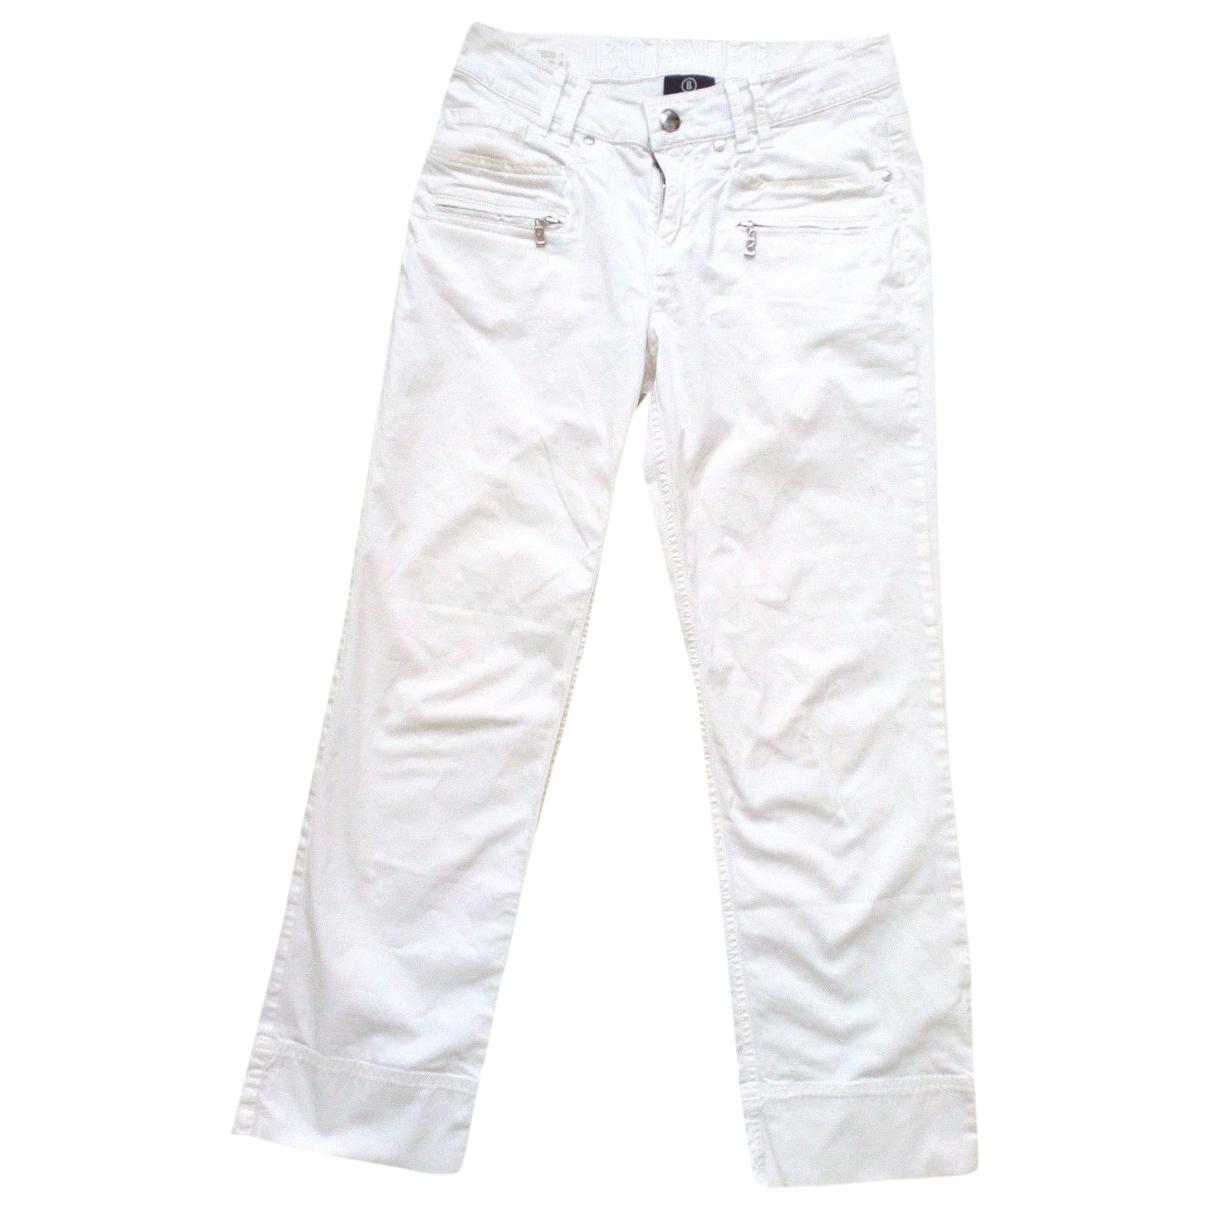 Bogner \N White Cotton Trousers for Women 34 FR